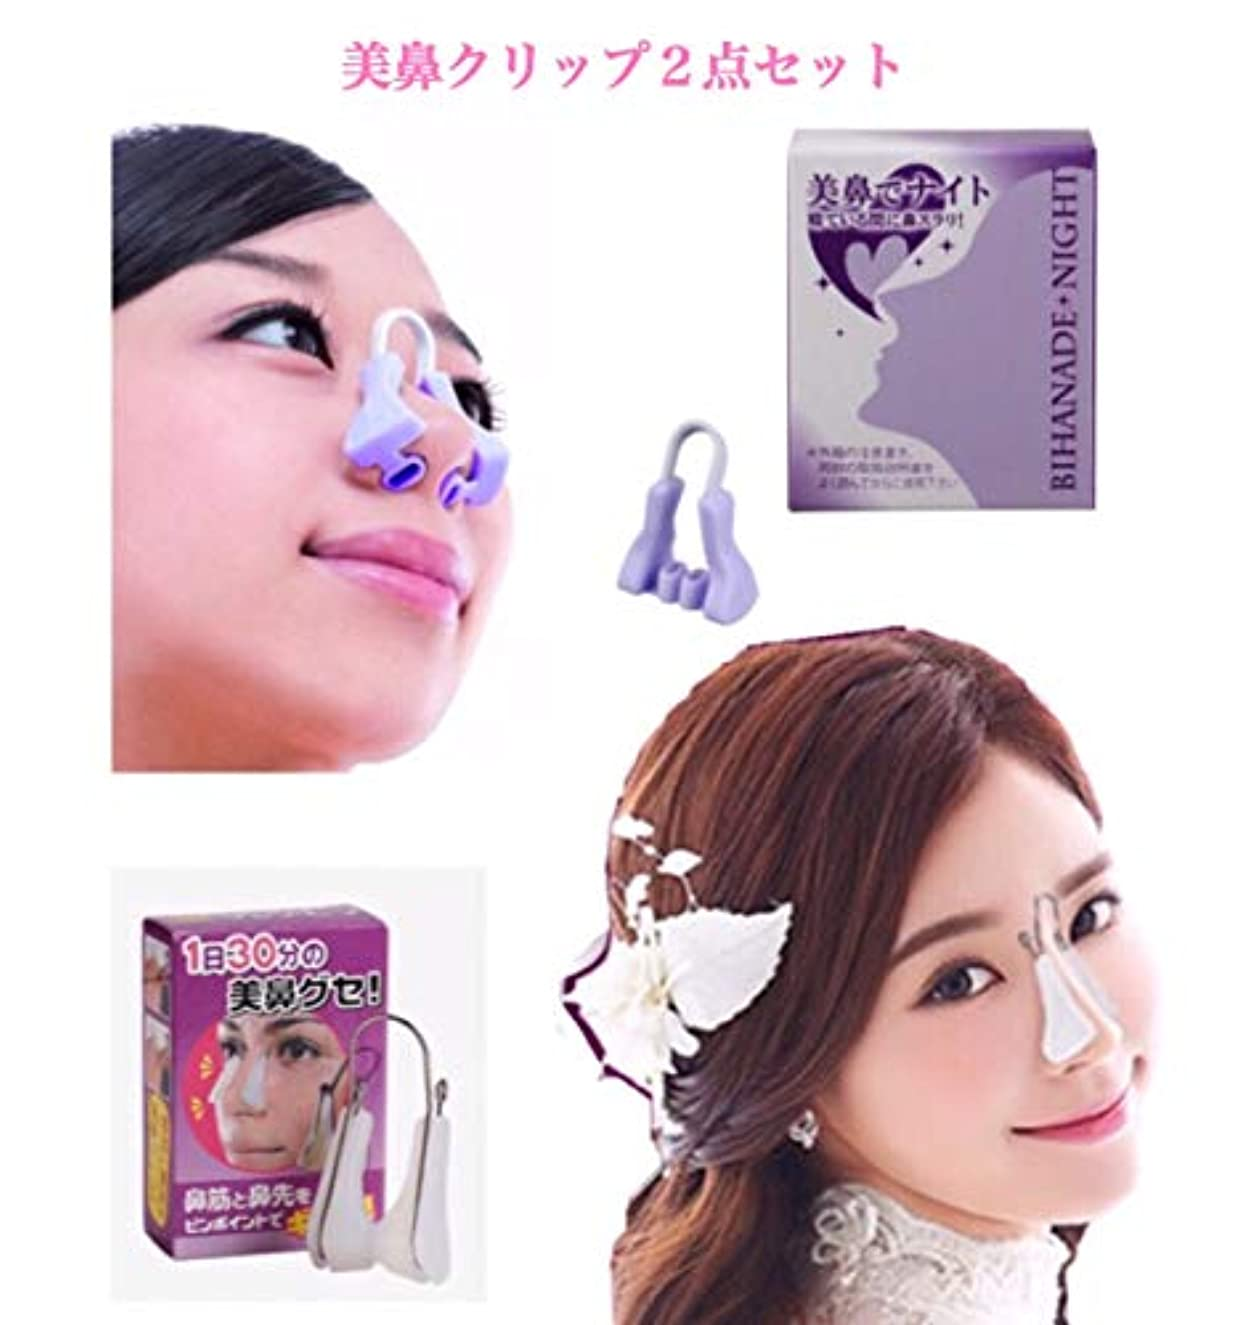 化学啓発するテントTrust Contact 美鼻クリップ 2点セット 美鼻 鼻筋 矯正 鼻プチ